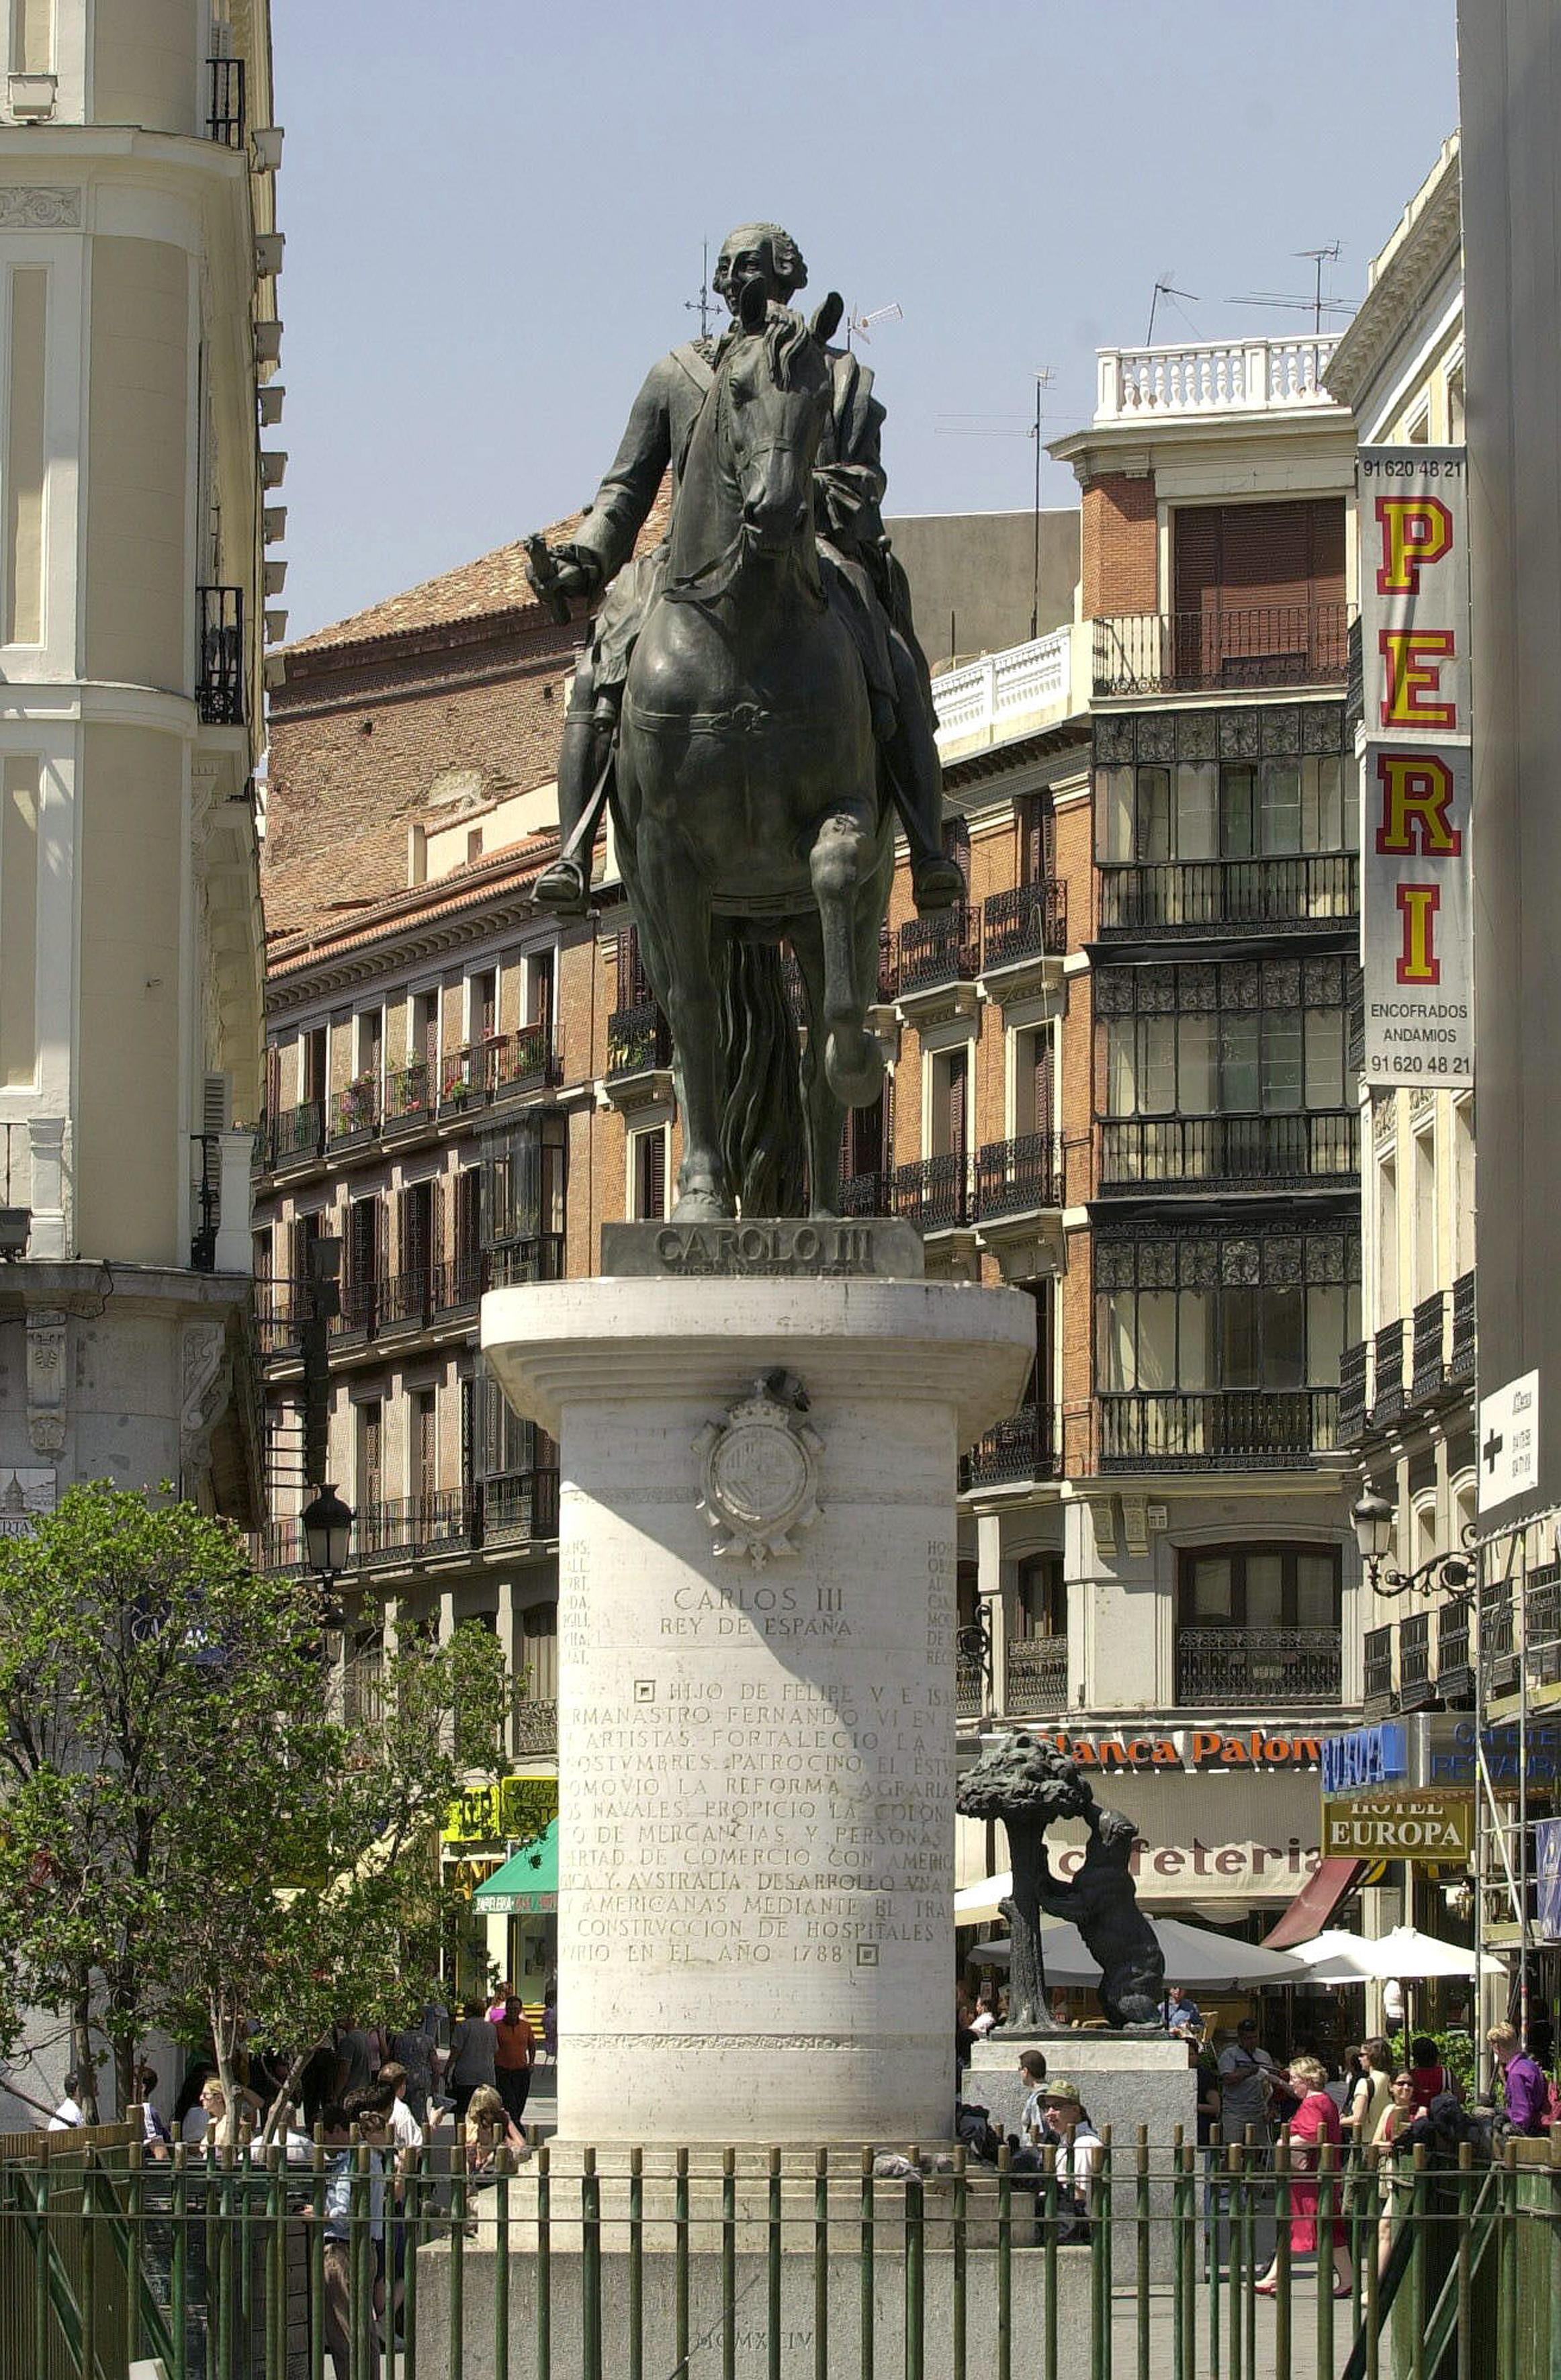 ¿Quién fue Carlos III? y ¿Qué representó a América?